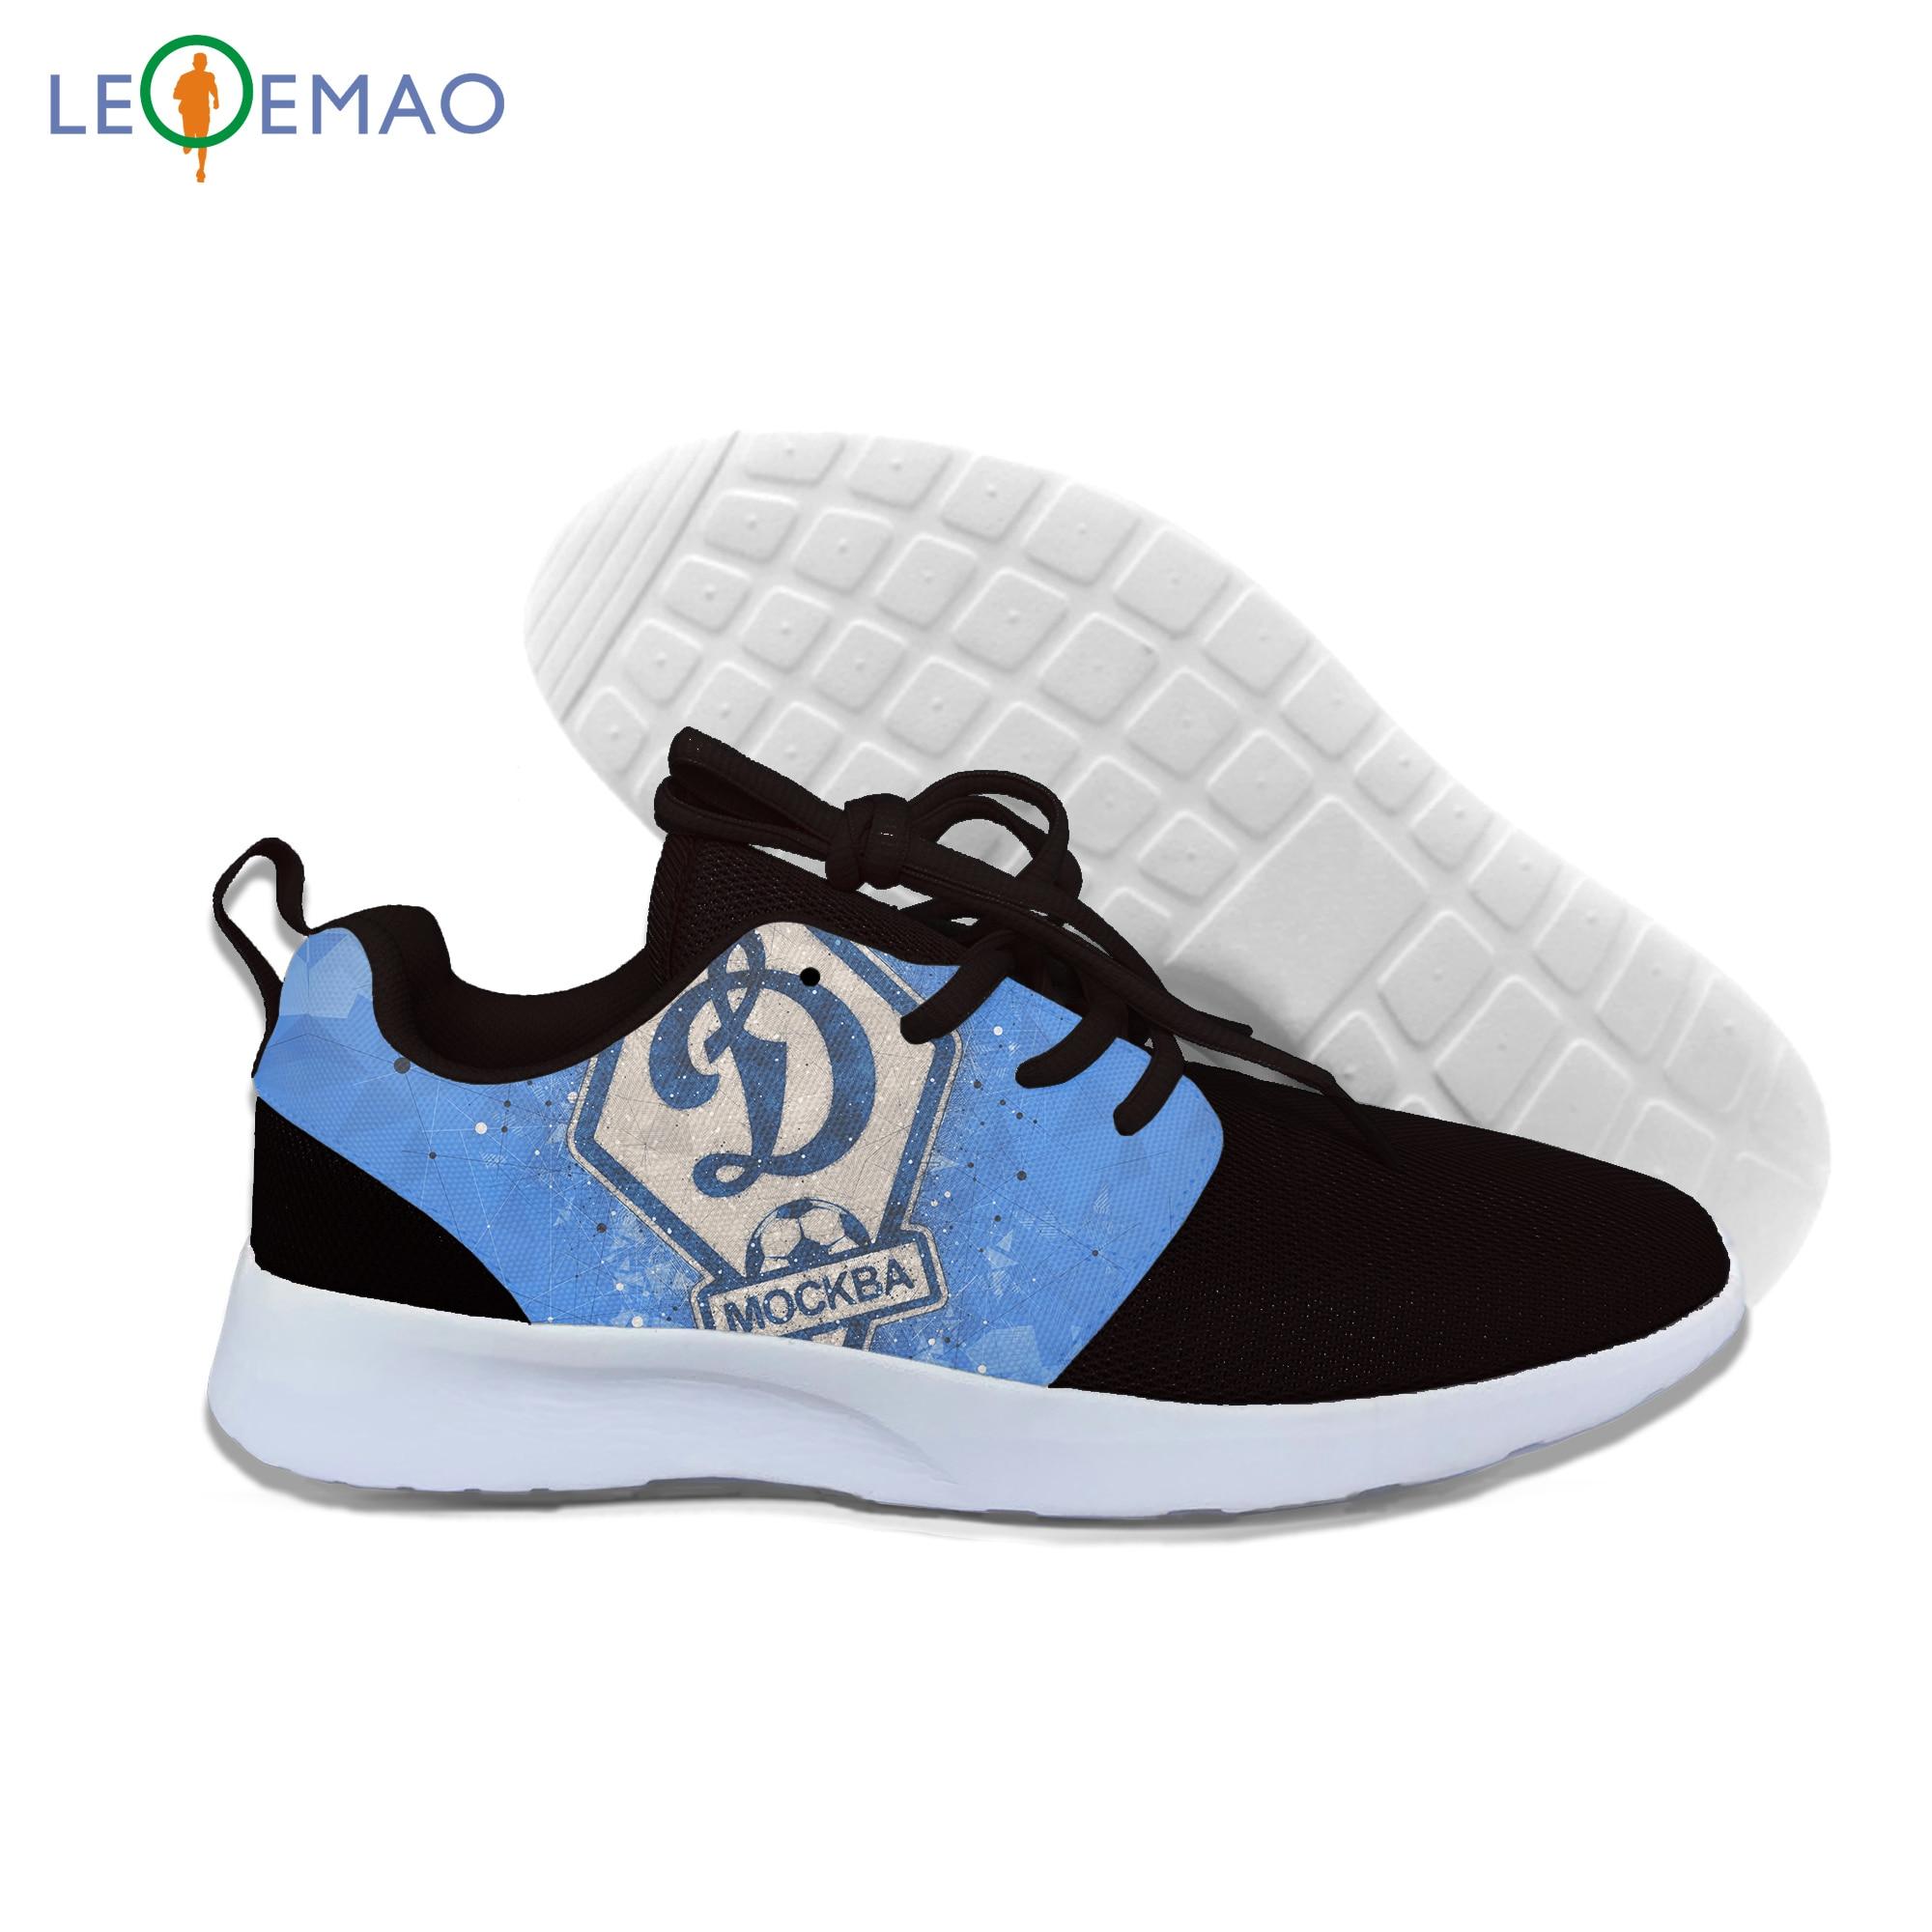 Спортивная обувь, кроссовки, популярный логотип Динамо Москвы, высокое качество, Harajuku Dinamo, логотип Москвы, для бега, ходьбы